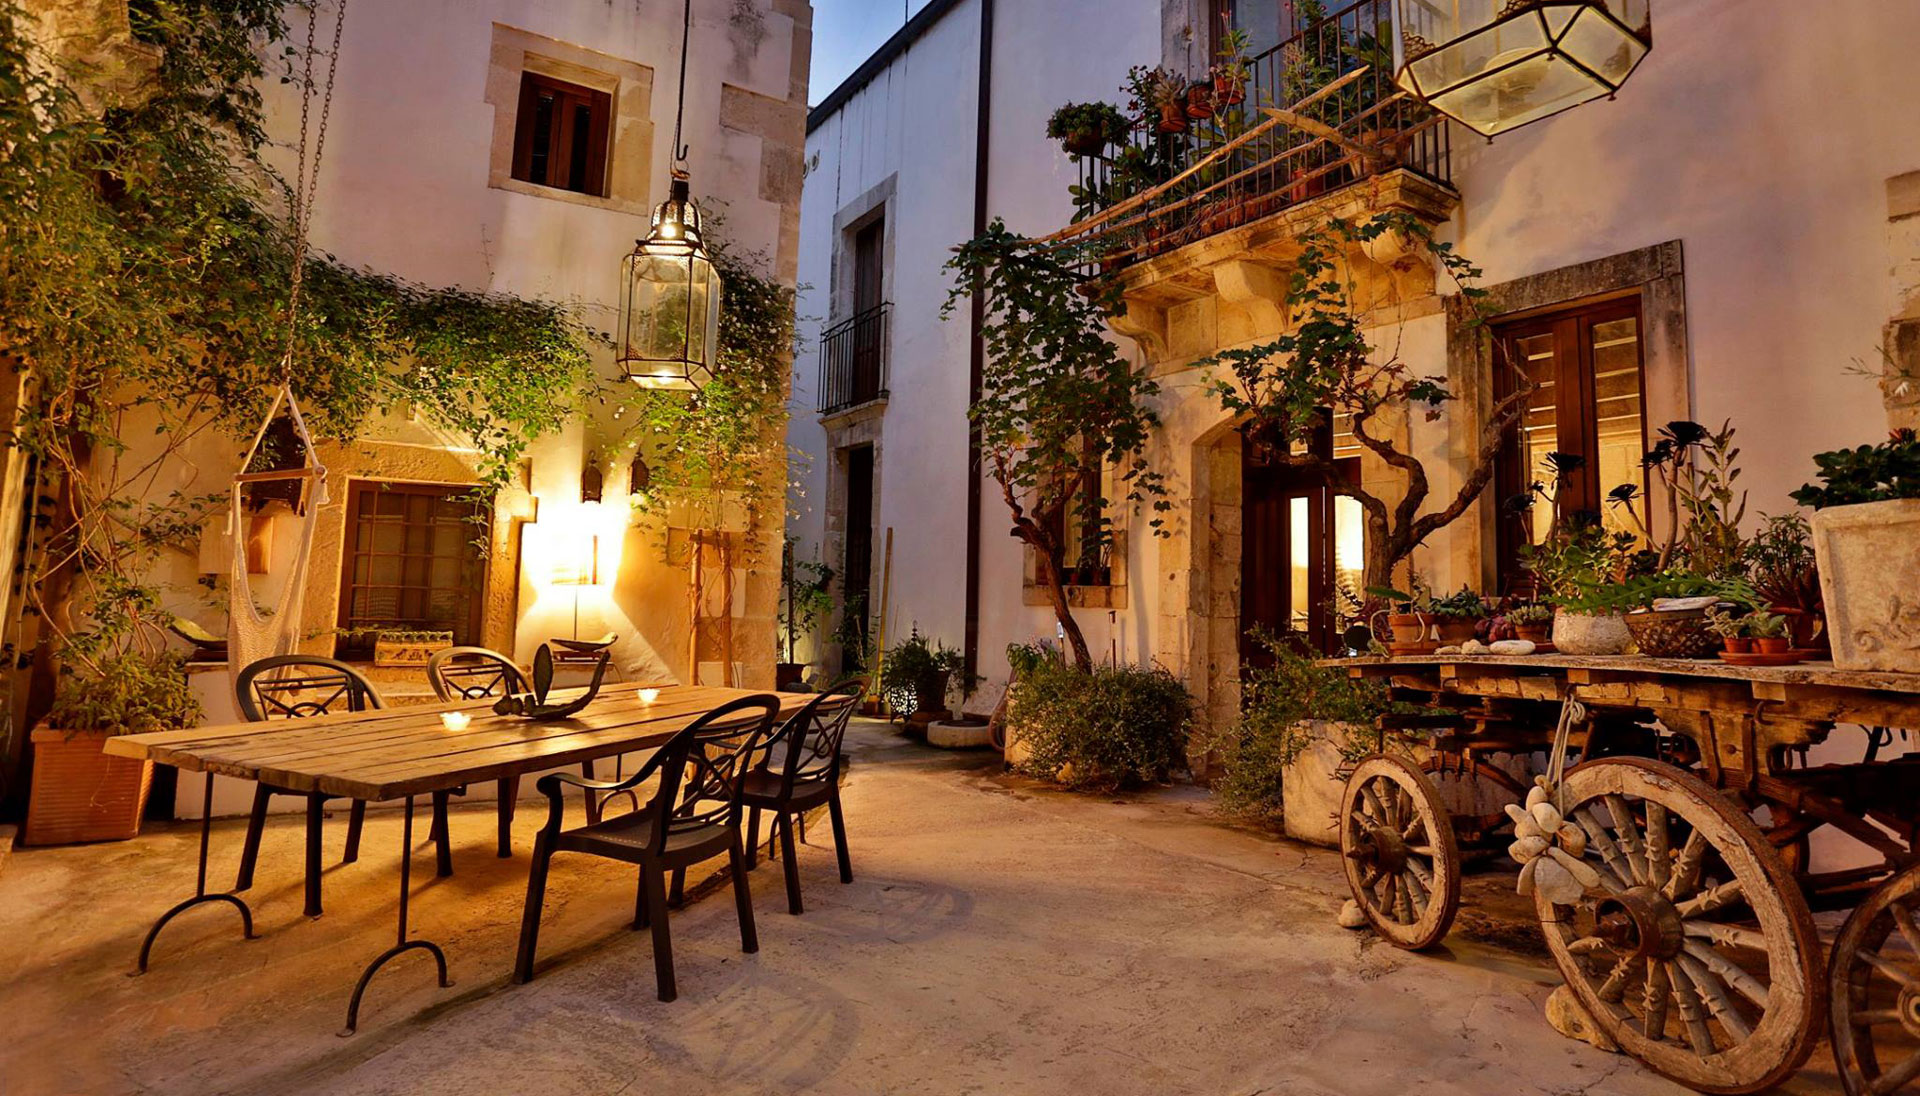 Alla giudecca hotel ortigia siracusa for Ortigia siracusa hotel